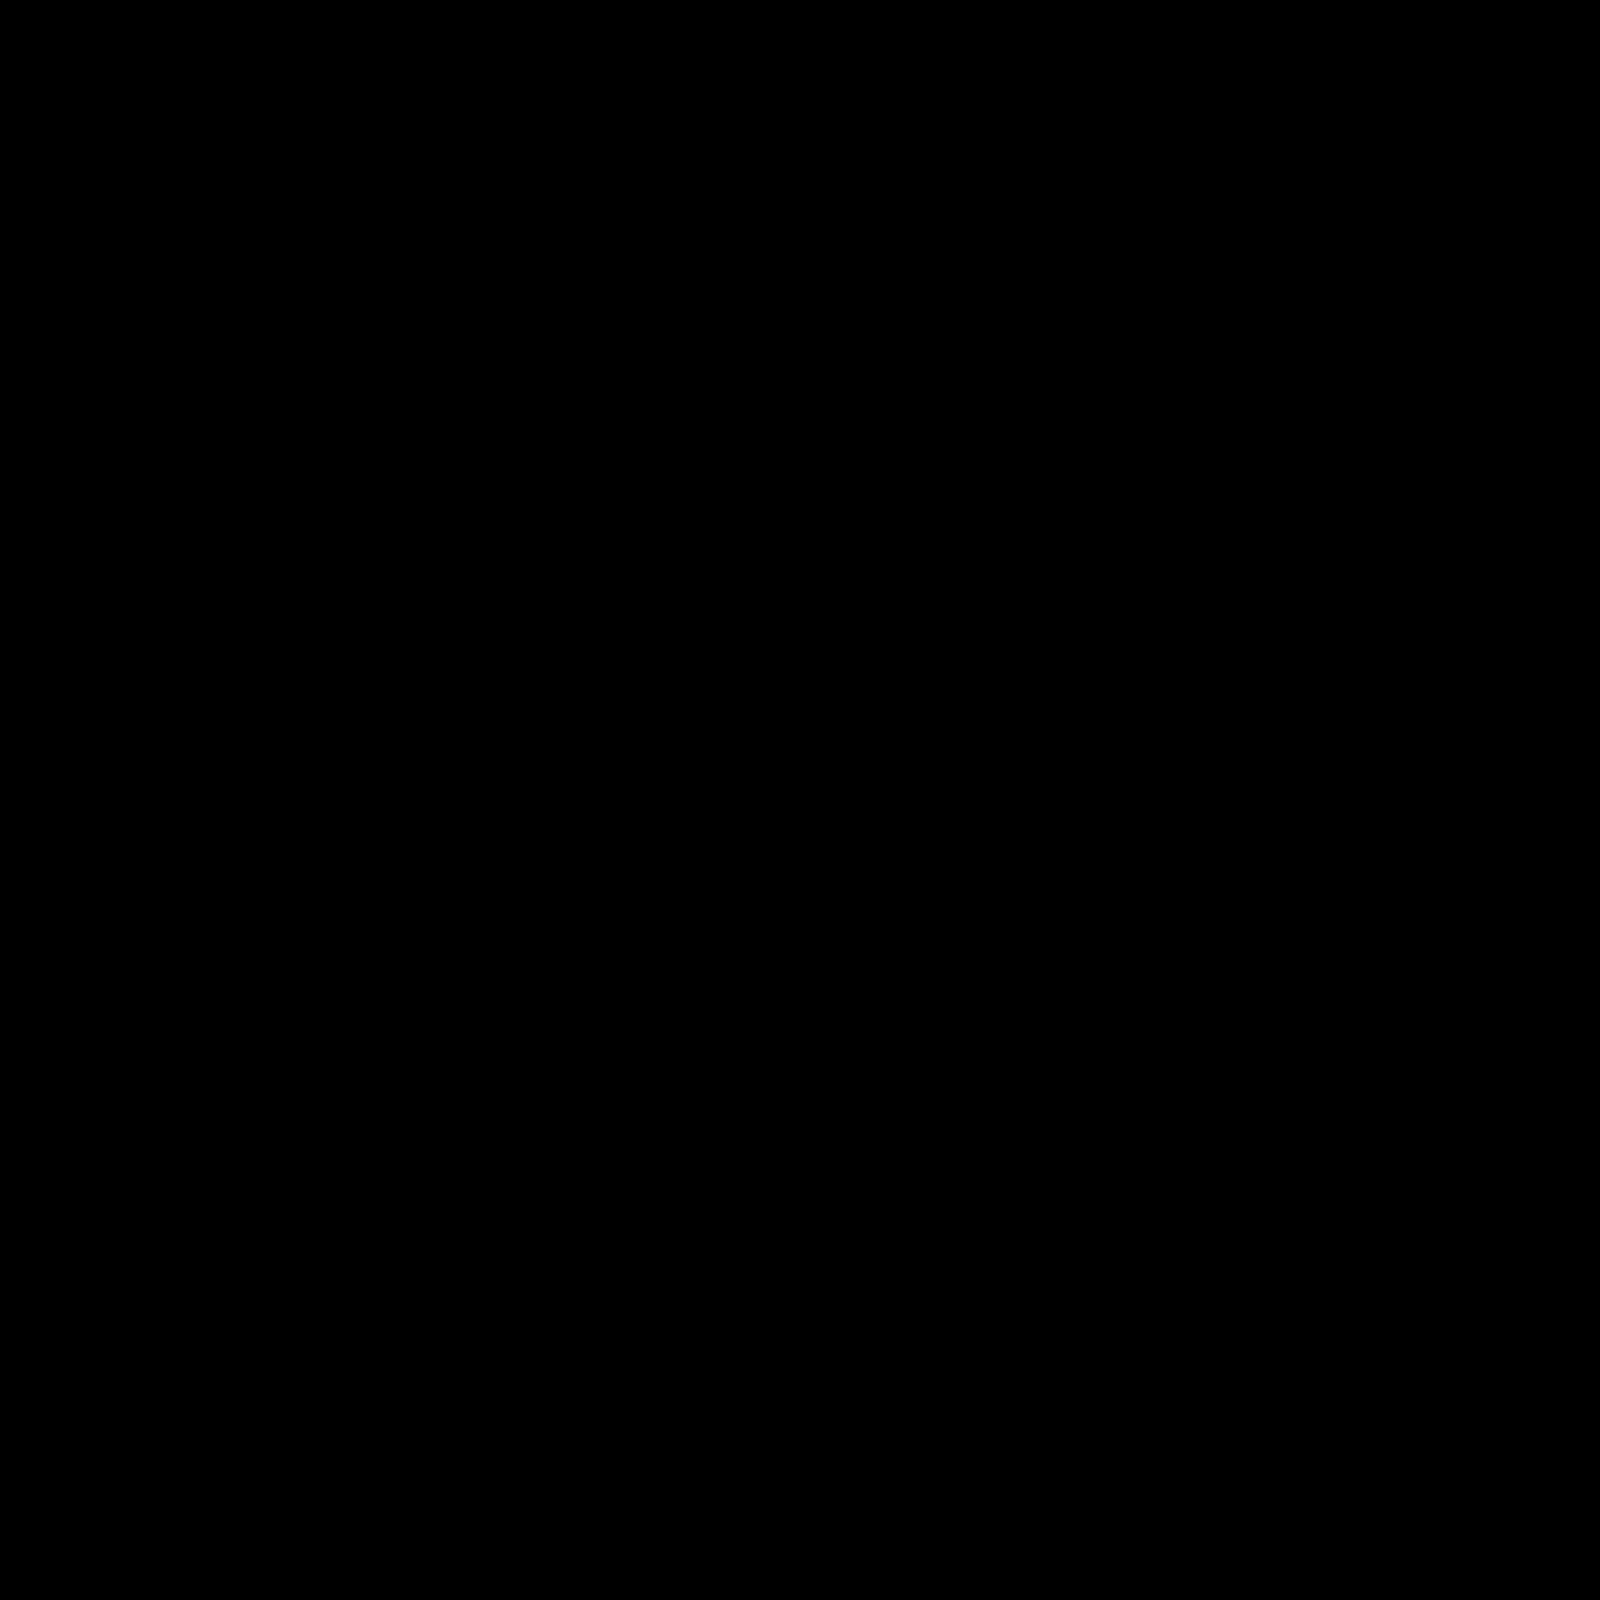 Peeling icon